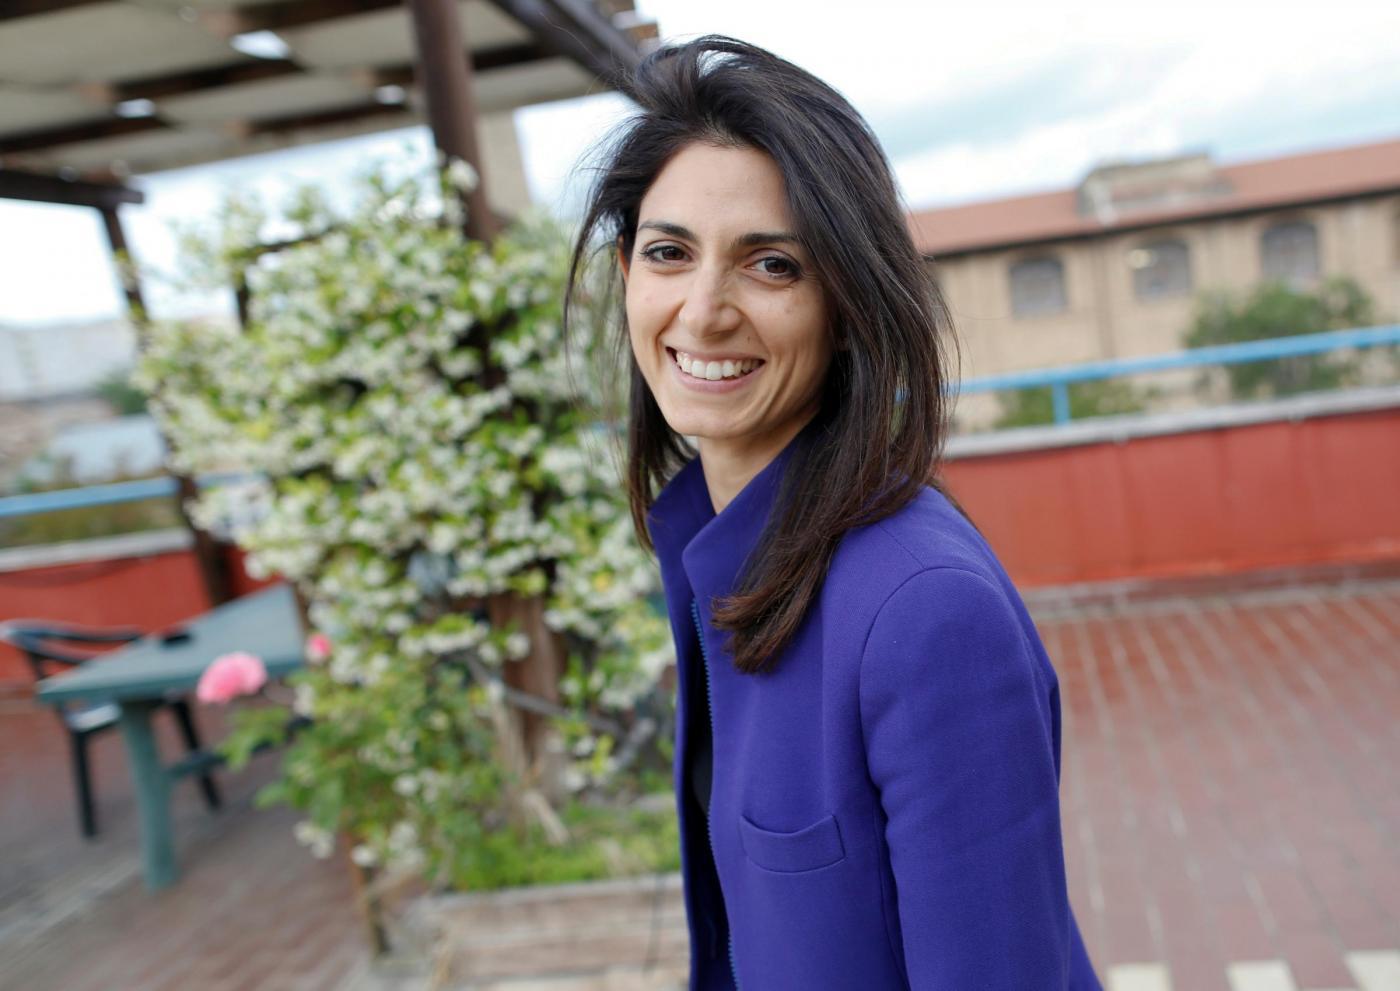 Roma, il candidato sindaco M5S Virginia Raggi incontra i cittadini